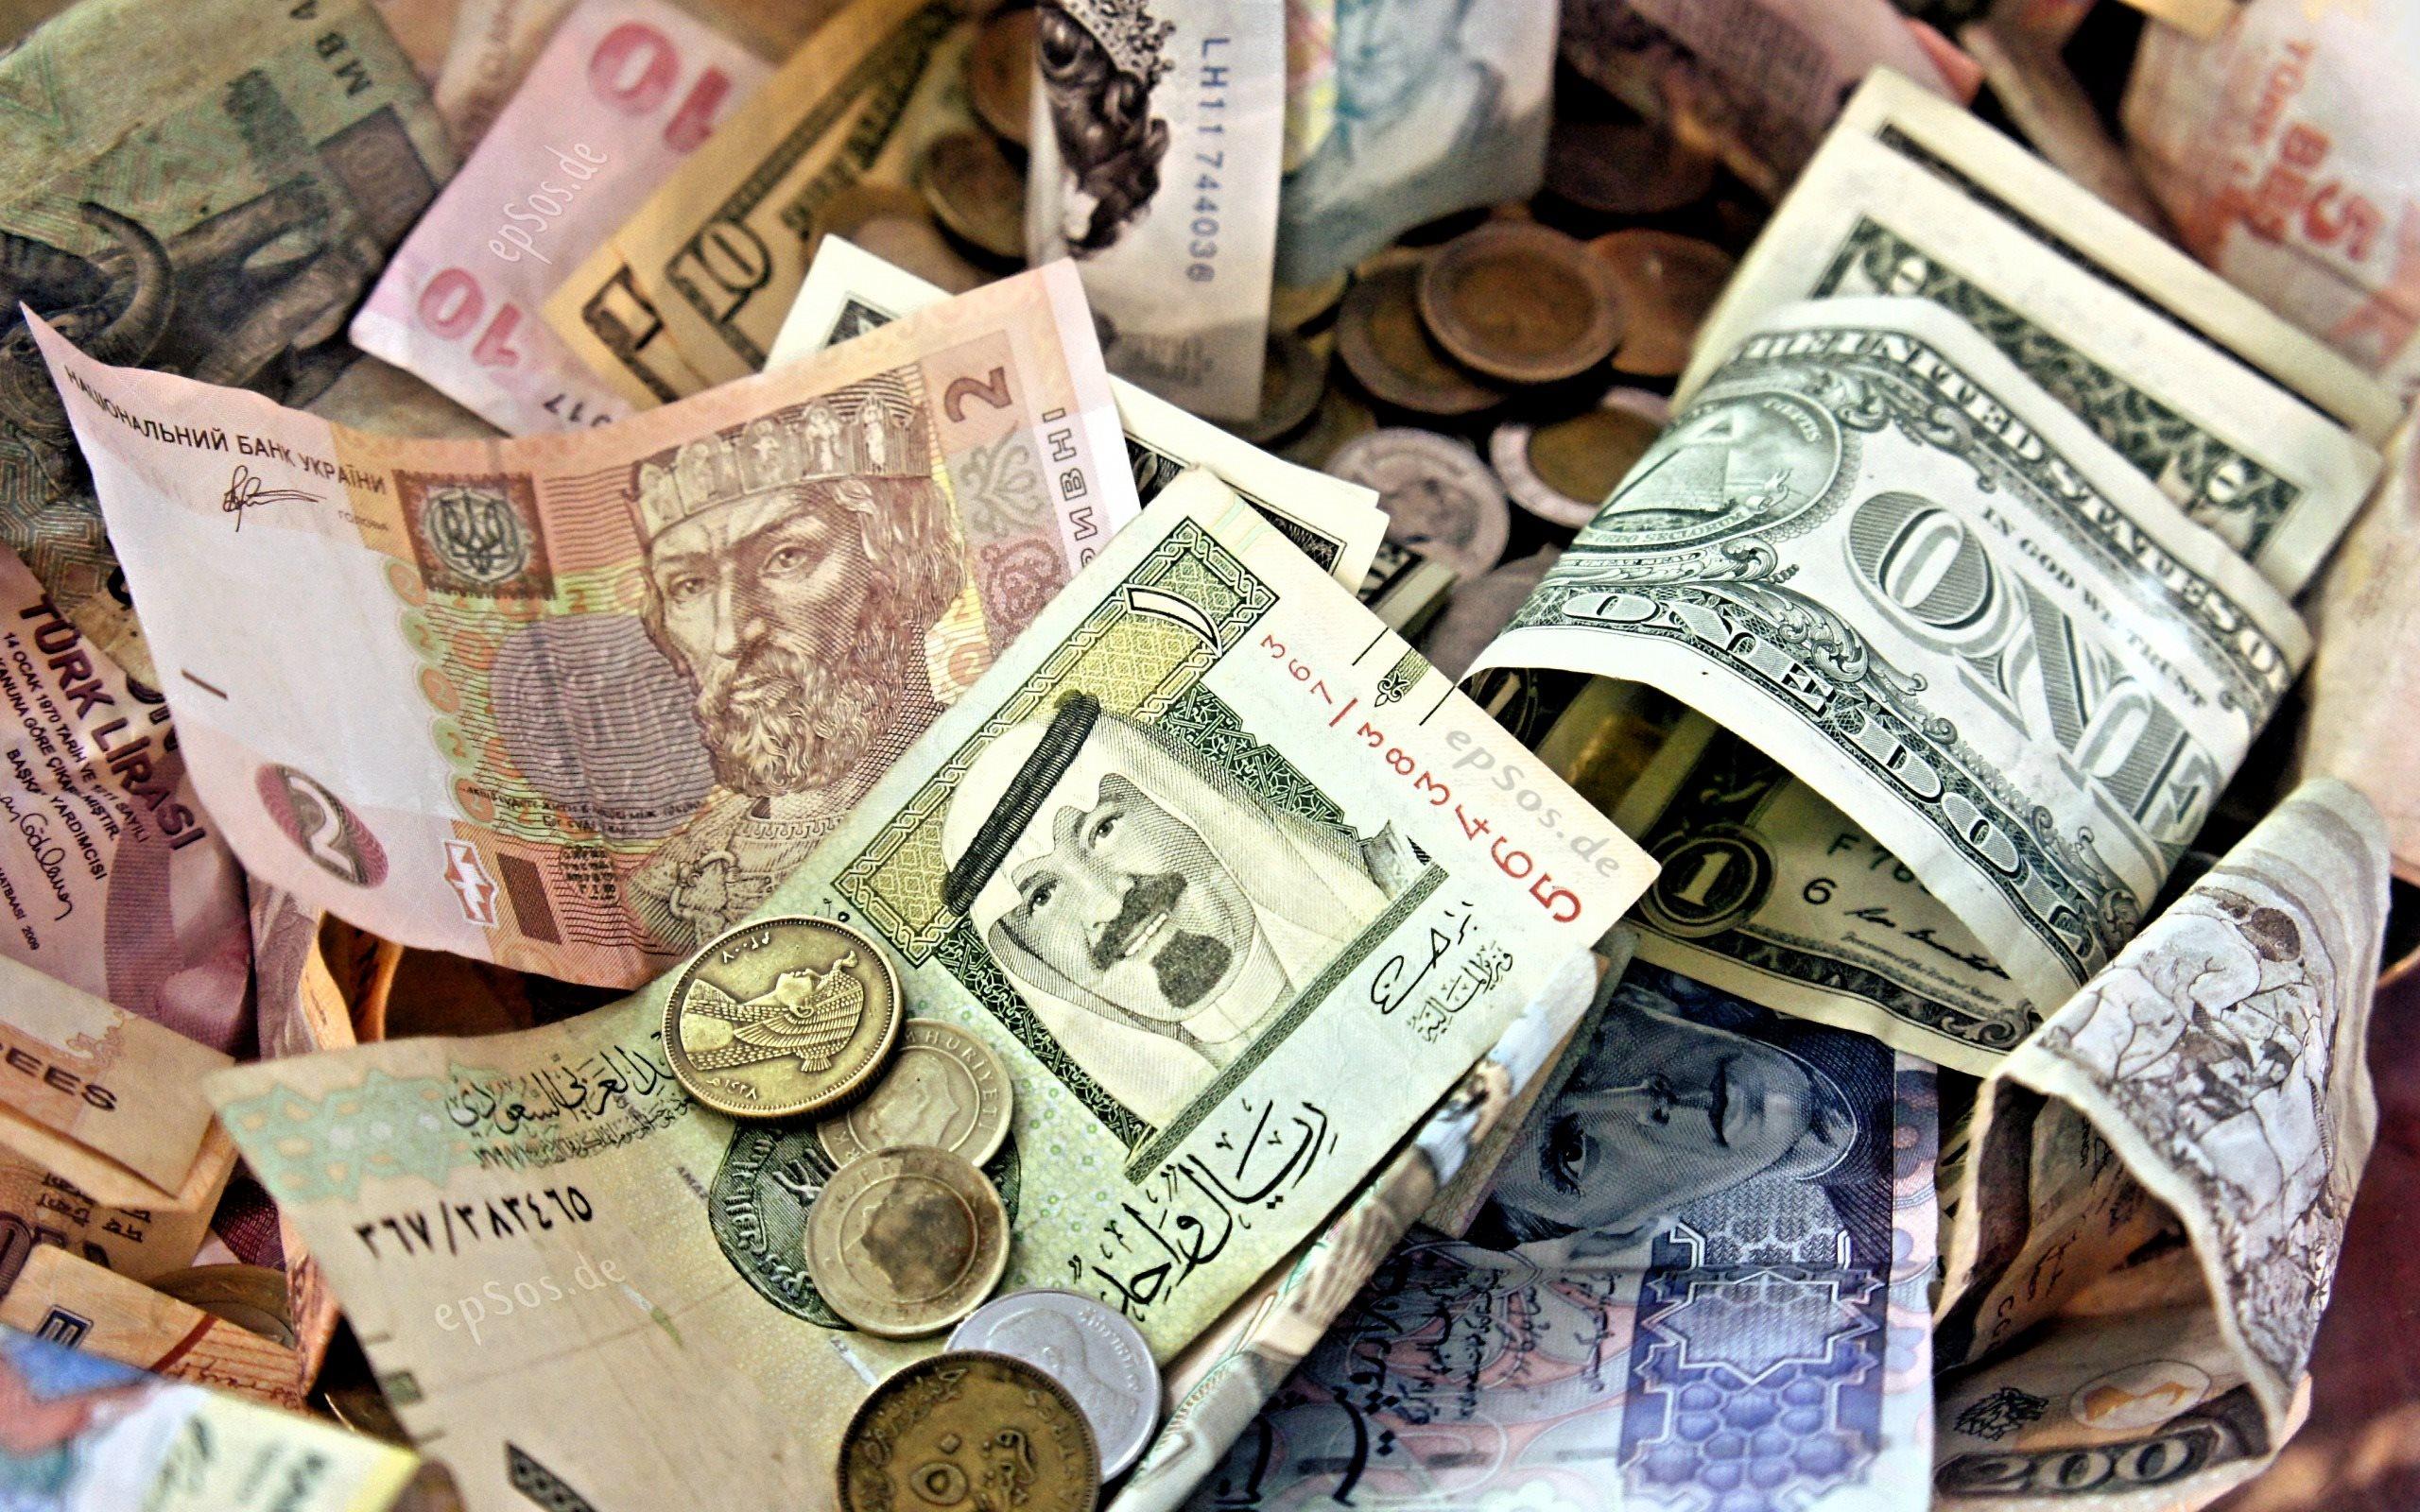 поверхности красивые картинки денег мира такие аксессуары